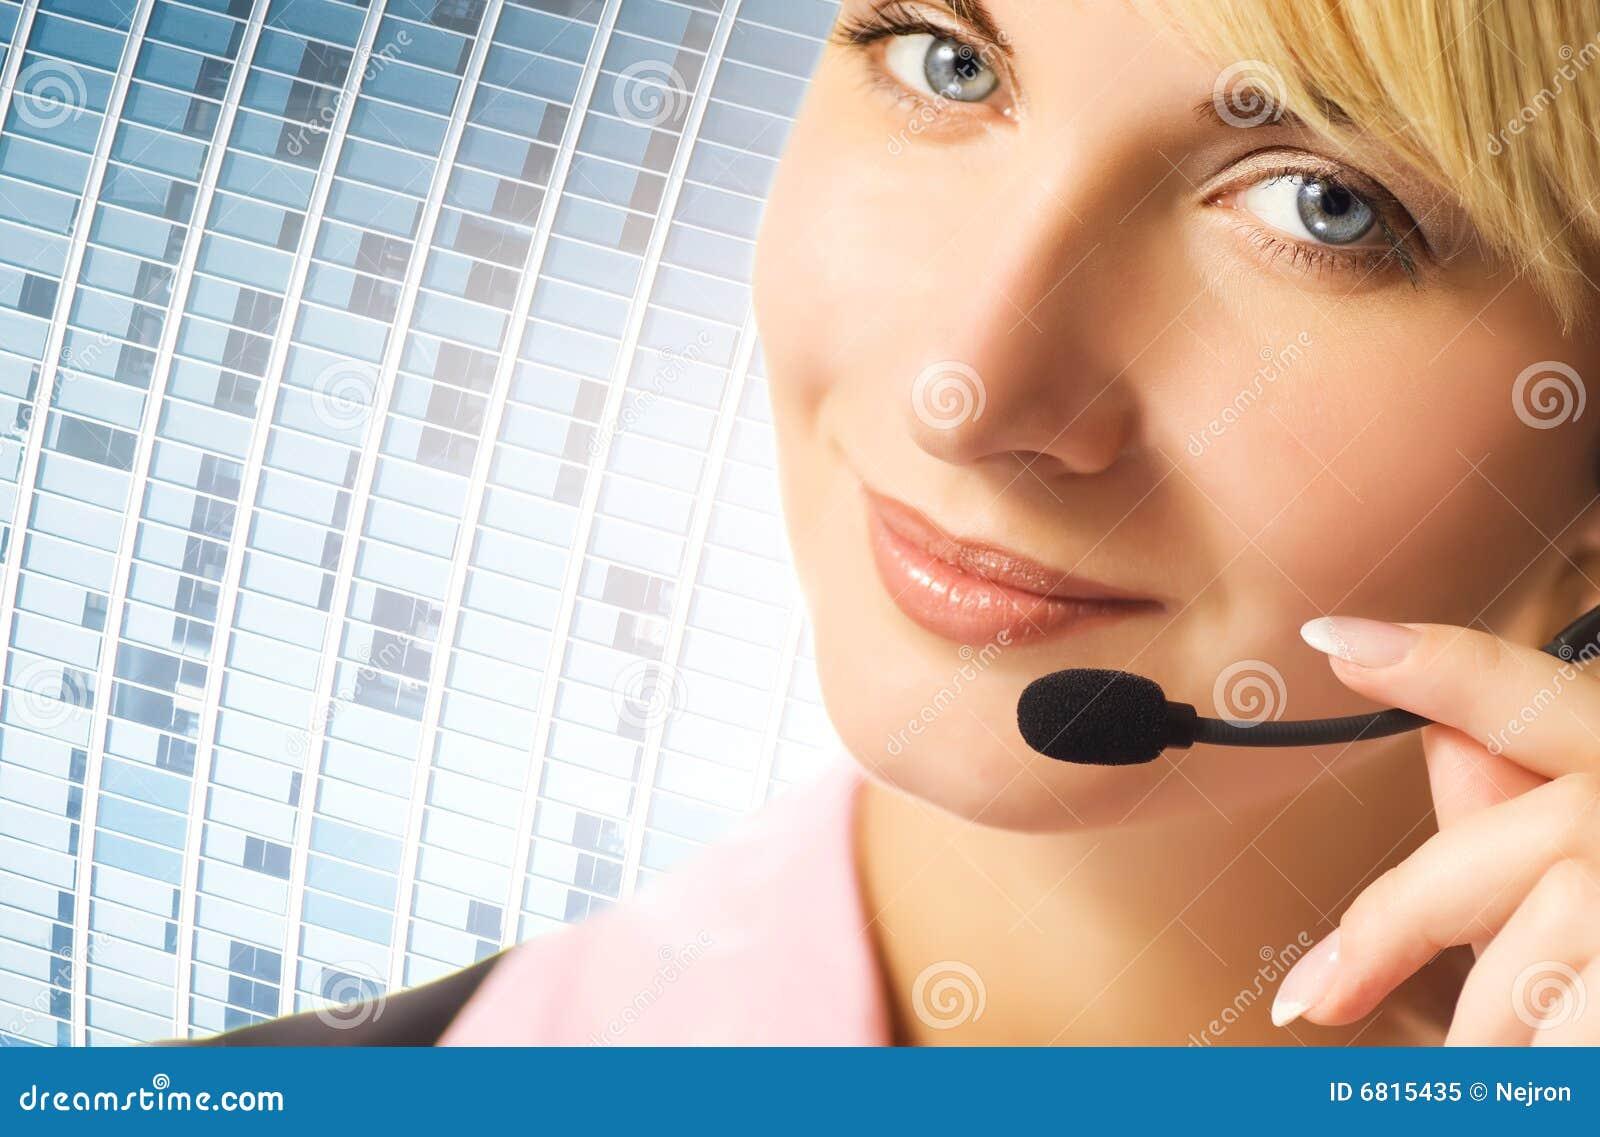 содружественный телефон оператора